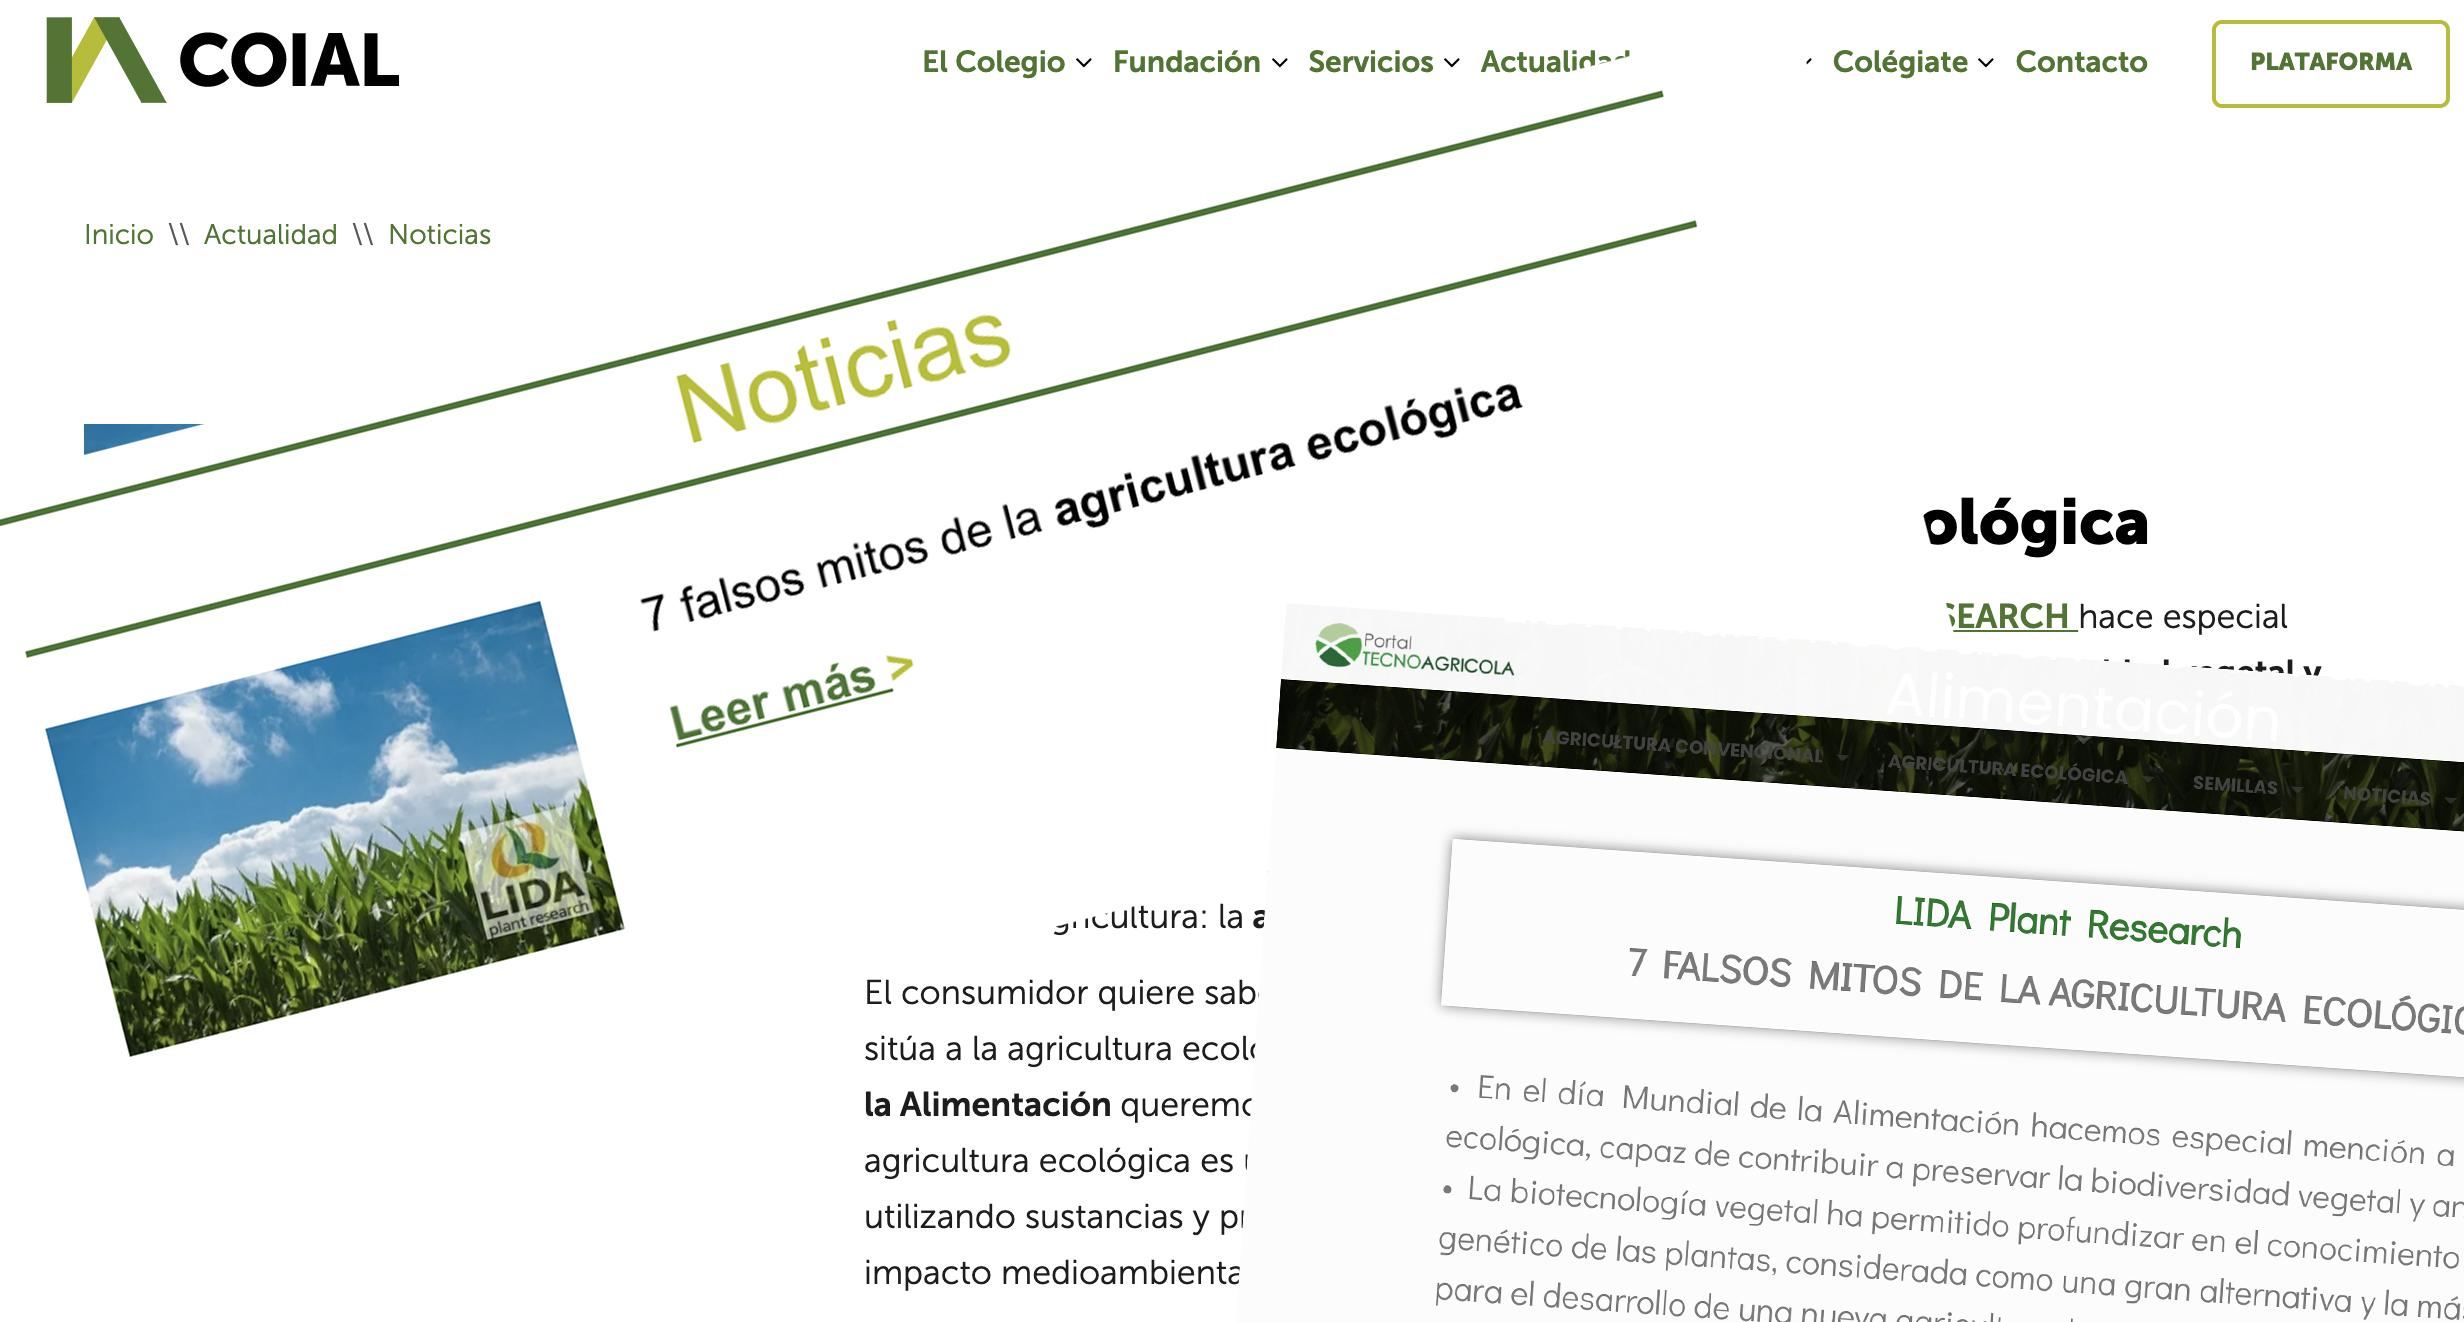 Así se hicieron eco los medios: Los 7 falsos mitos de la agricultura ecológica